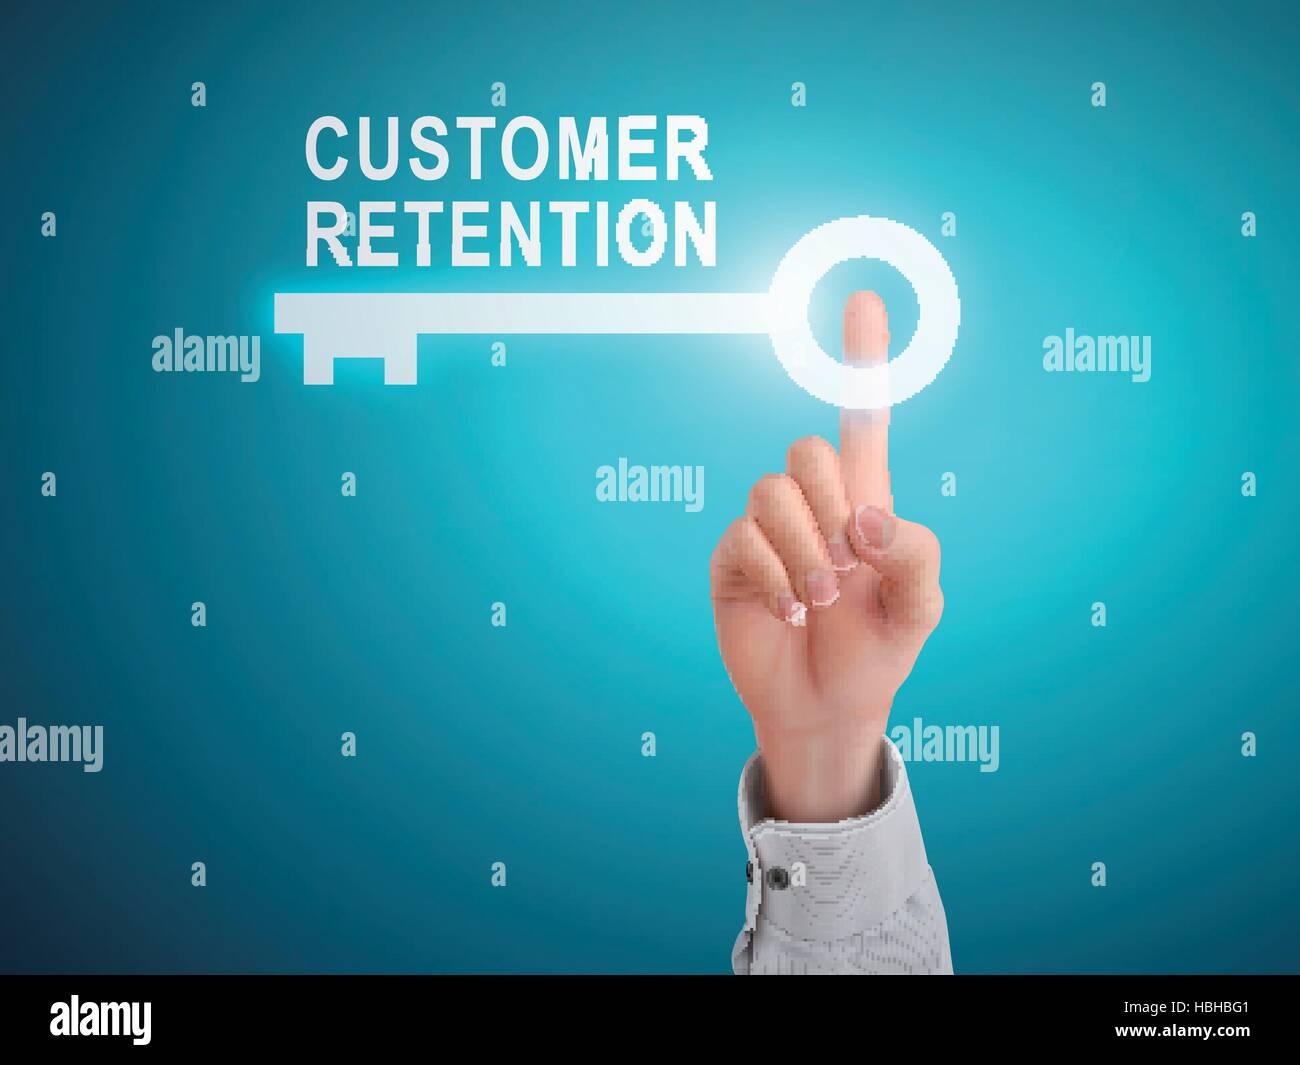 Maschio di pressatura a mano della fidelizzazione dei clienti tasto blu su sfondo astratto Illustrazione Vettoriale